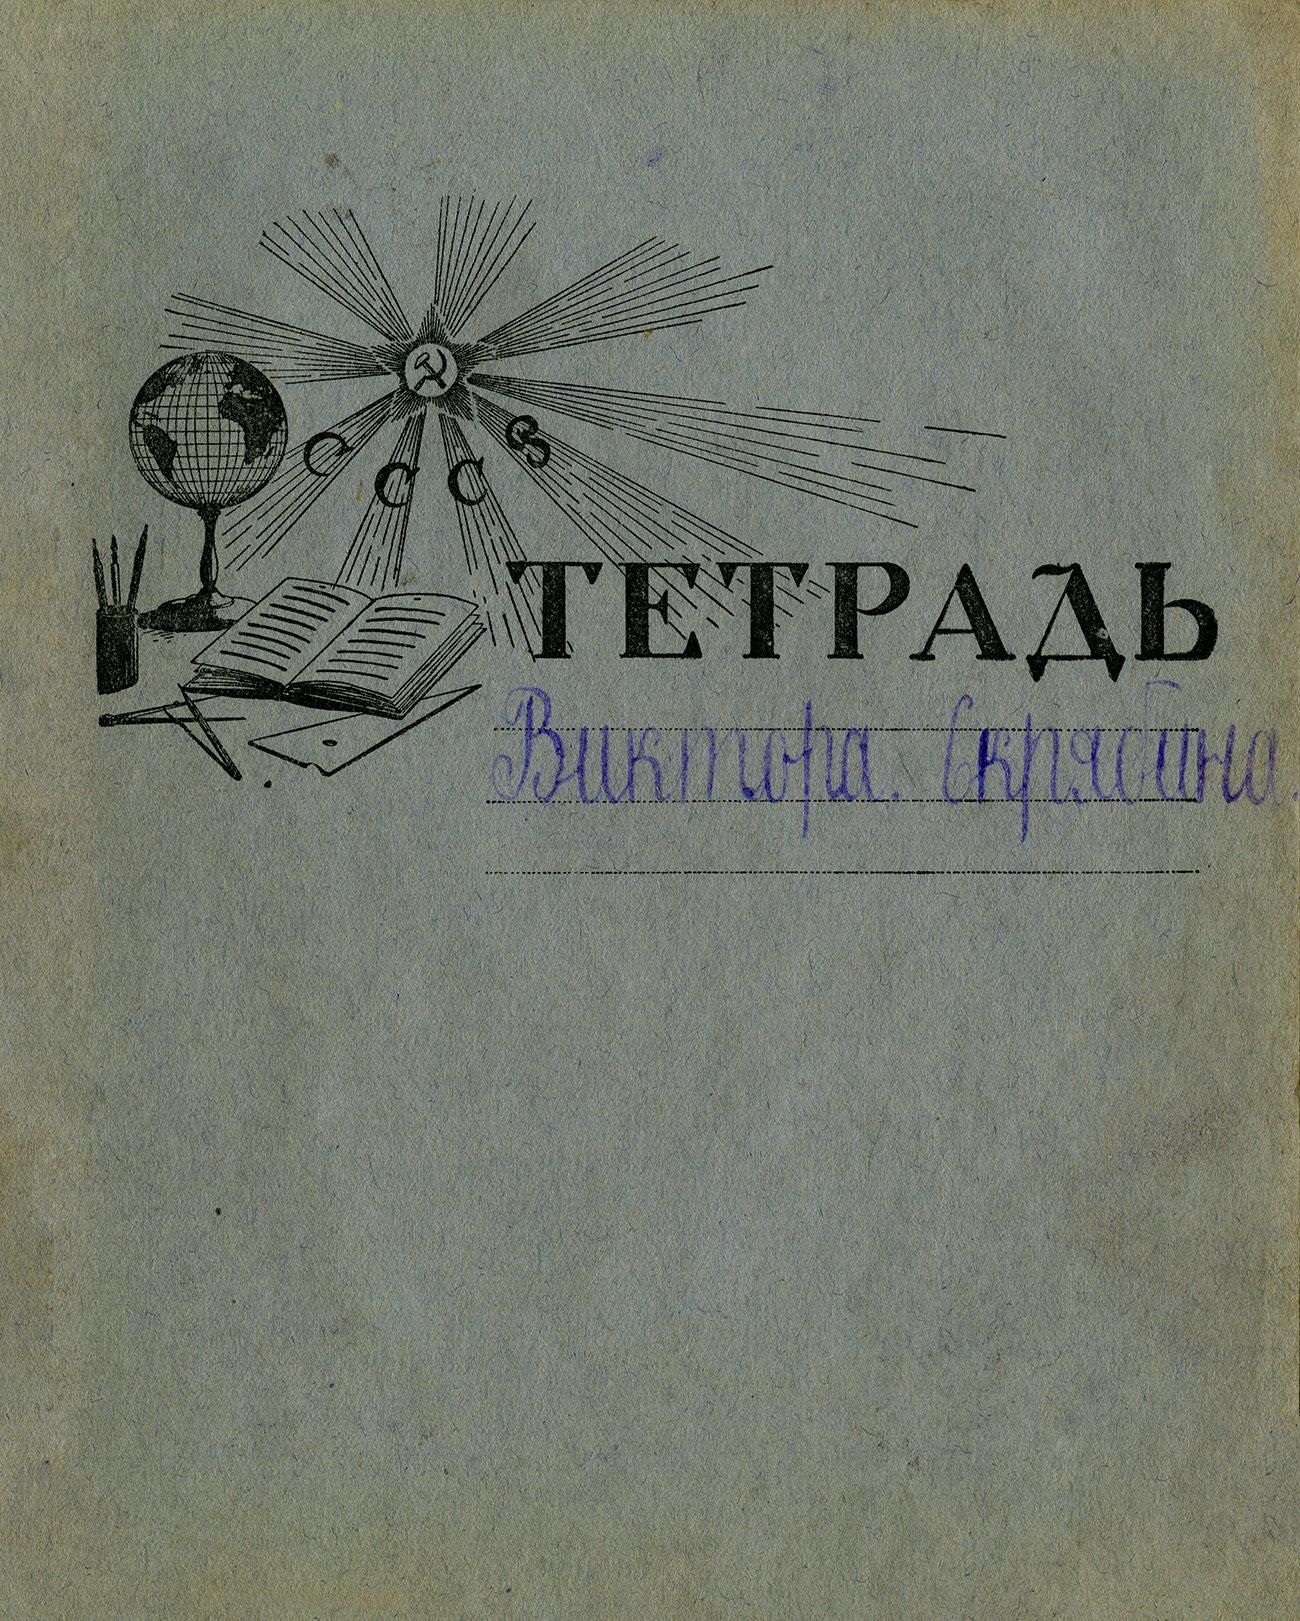 Тетрадь СССР, 1928, 175х220